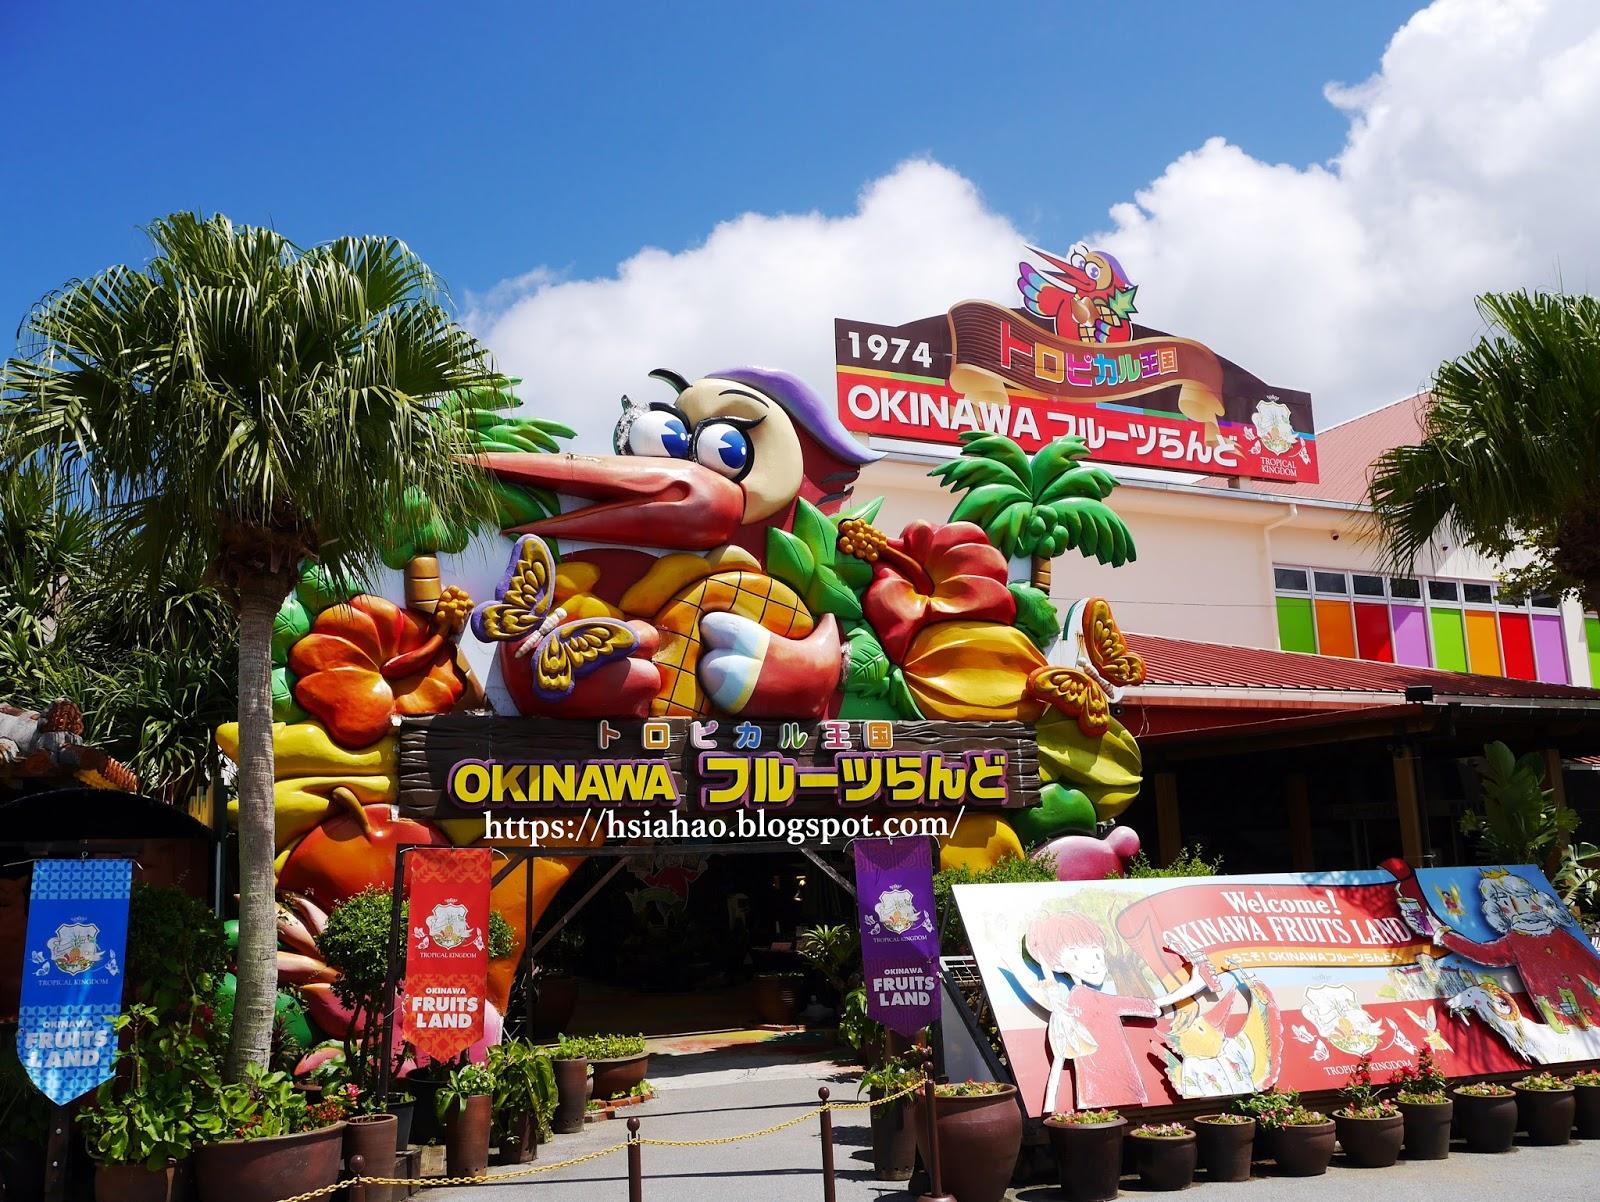 沖繩-水果樂園-觀光巴士-自由行-旅遊-Okinawa-hip-hop-bus